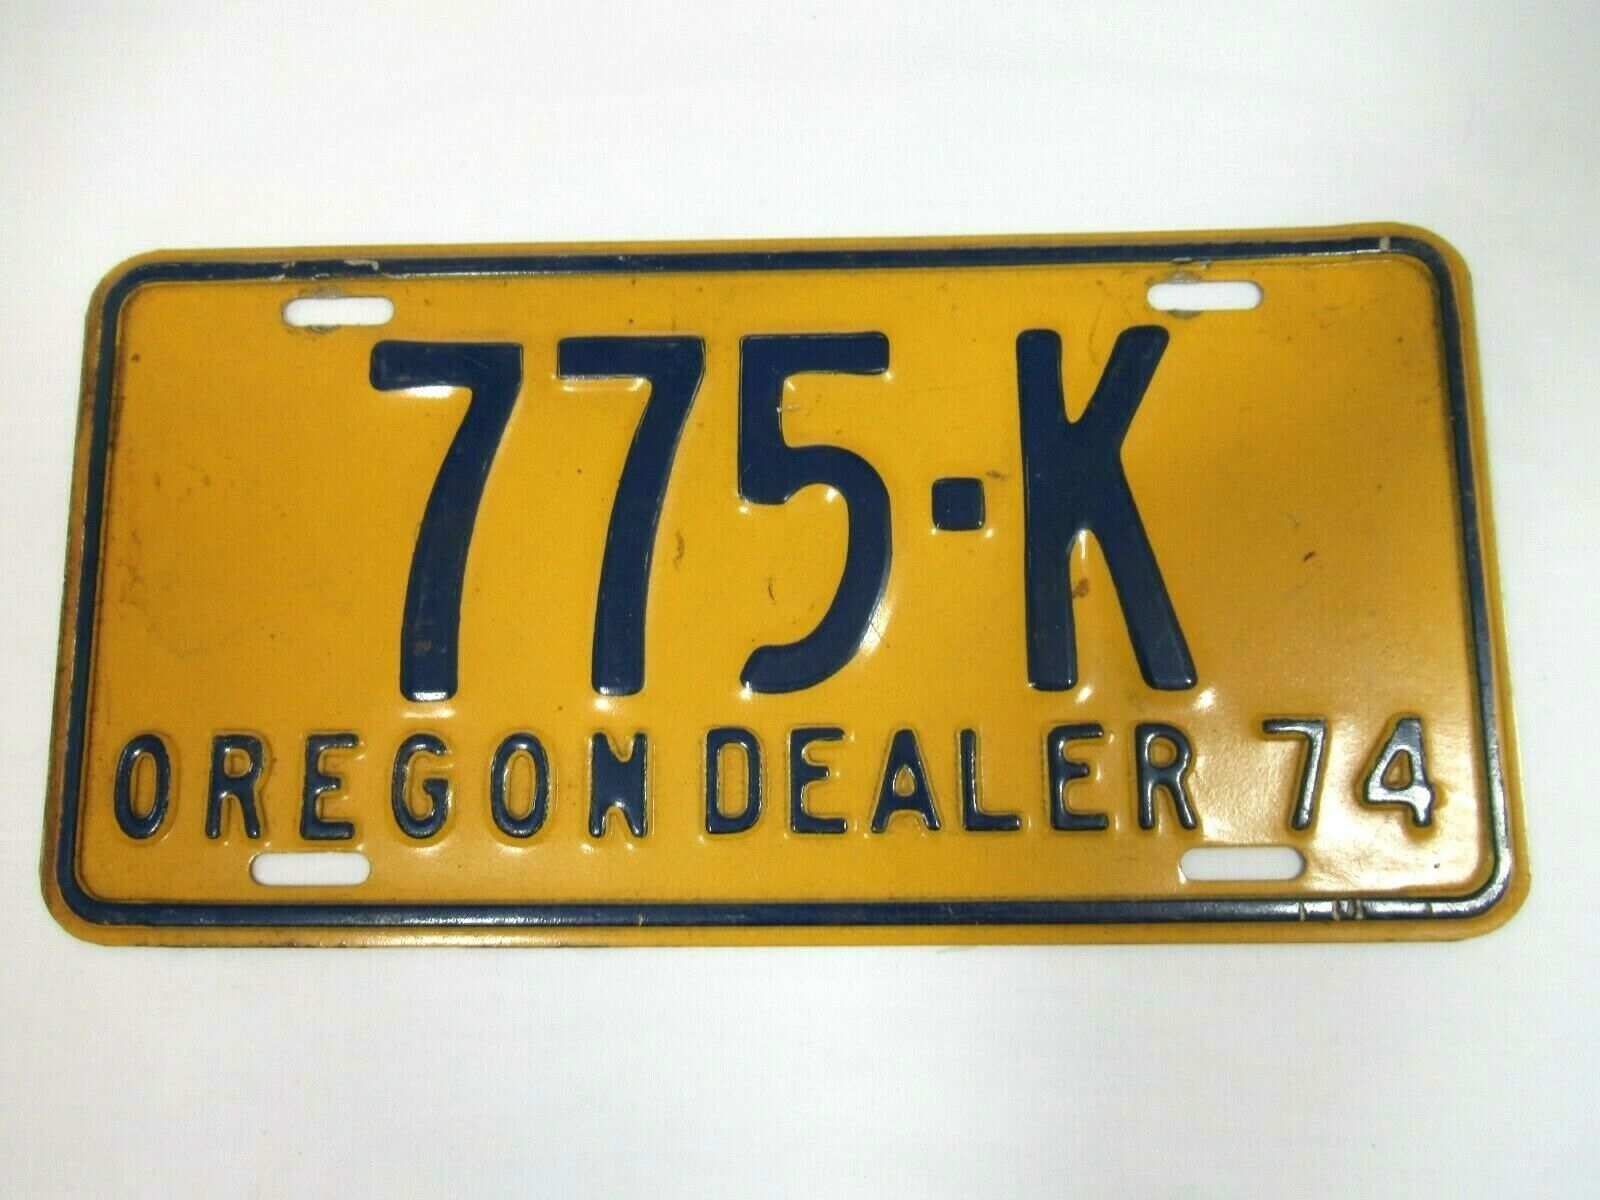 Vintage Oregon Dealer License Plate, 1974, 1970s, 775K